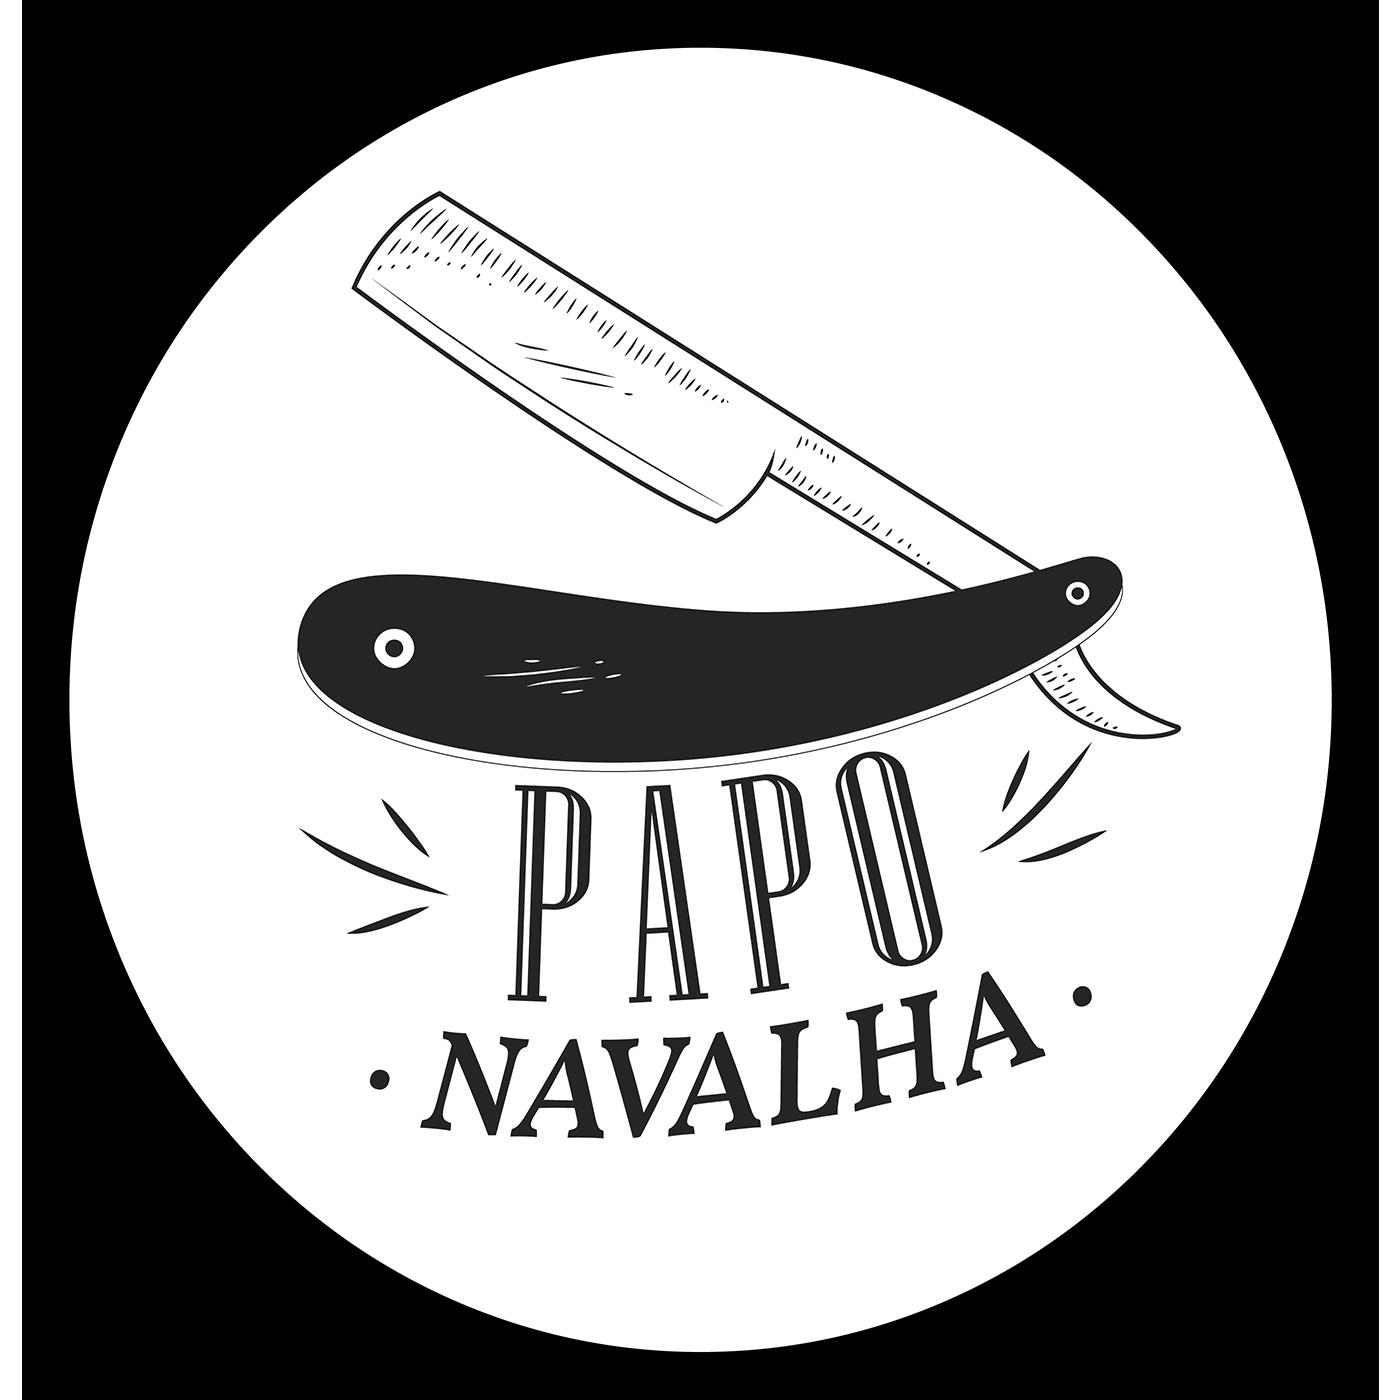 Imagem do Papo Navalha